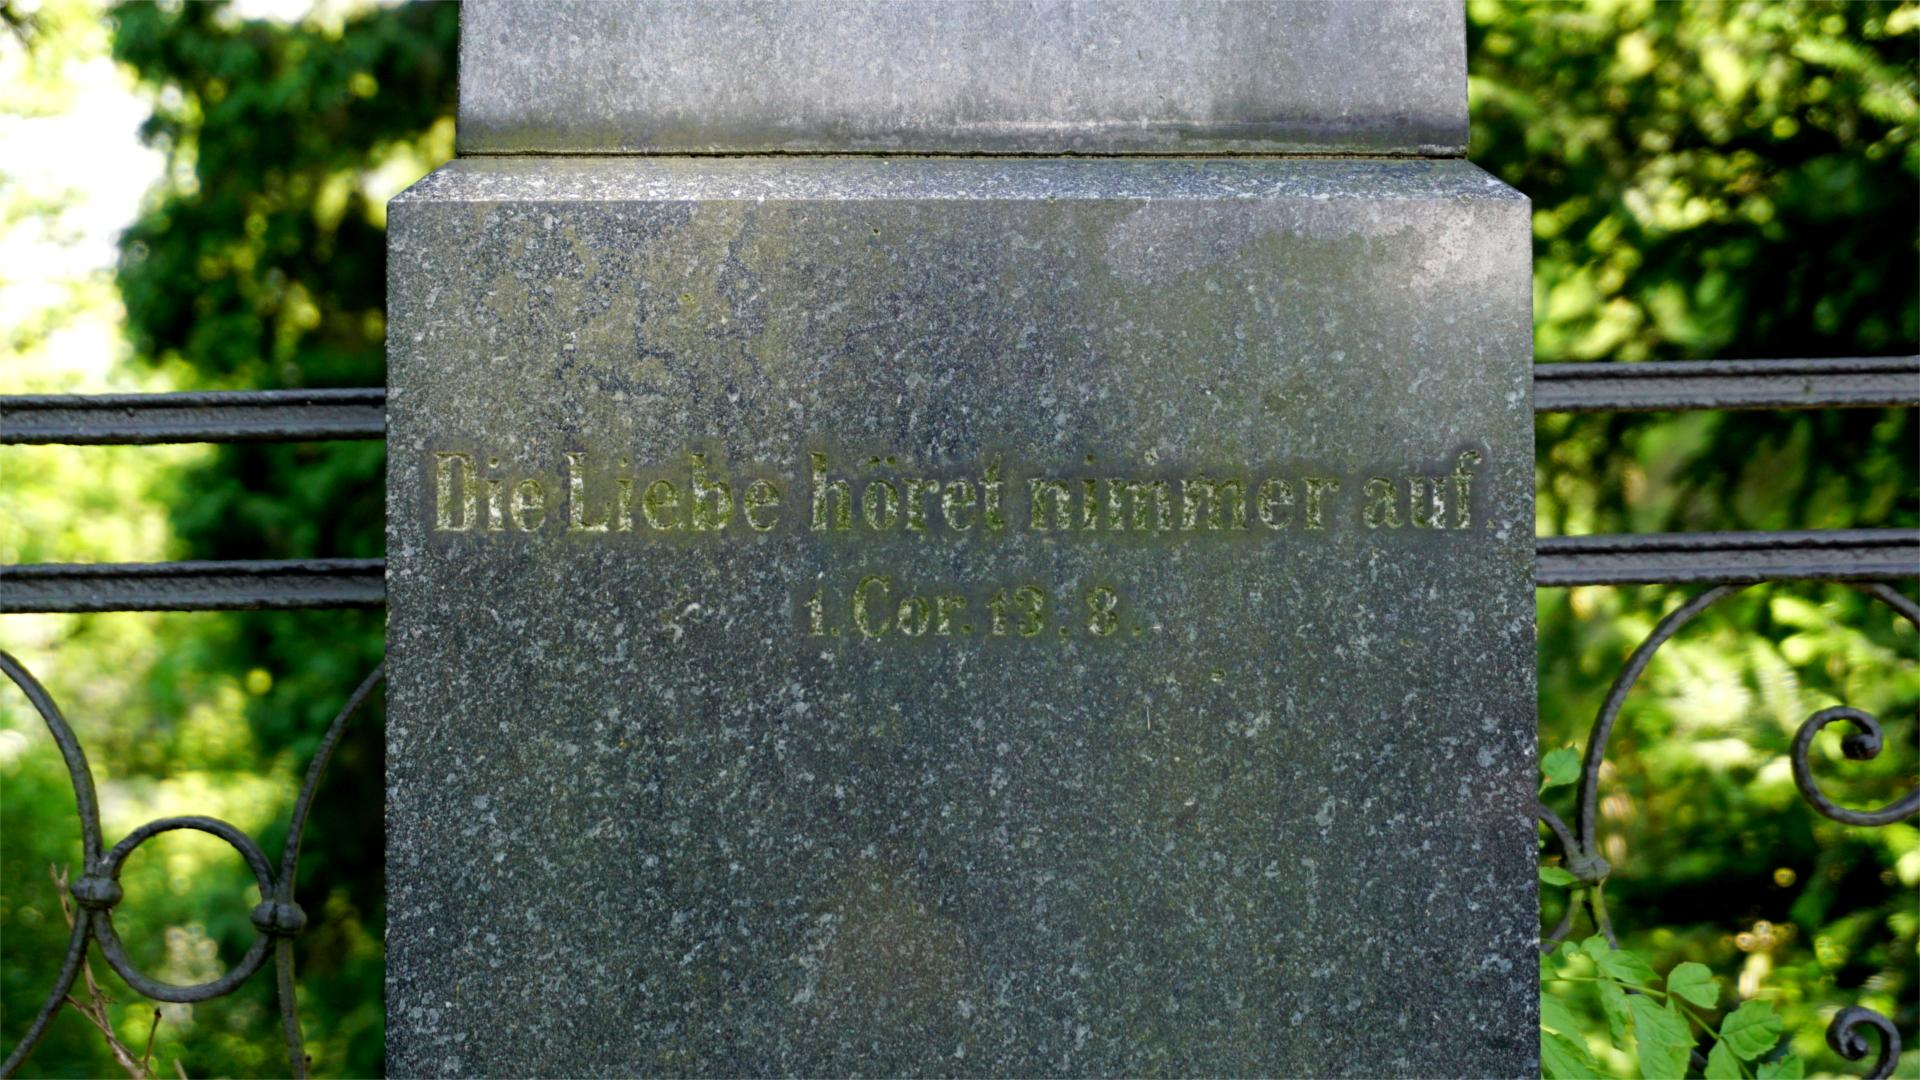 Grabstein mit Aufschrift: Die Liebe höret niemals auf. — Tradition — Blogger